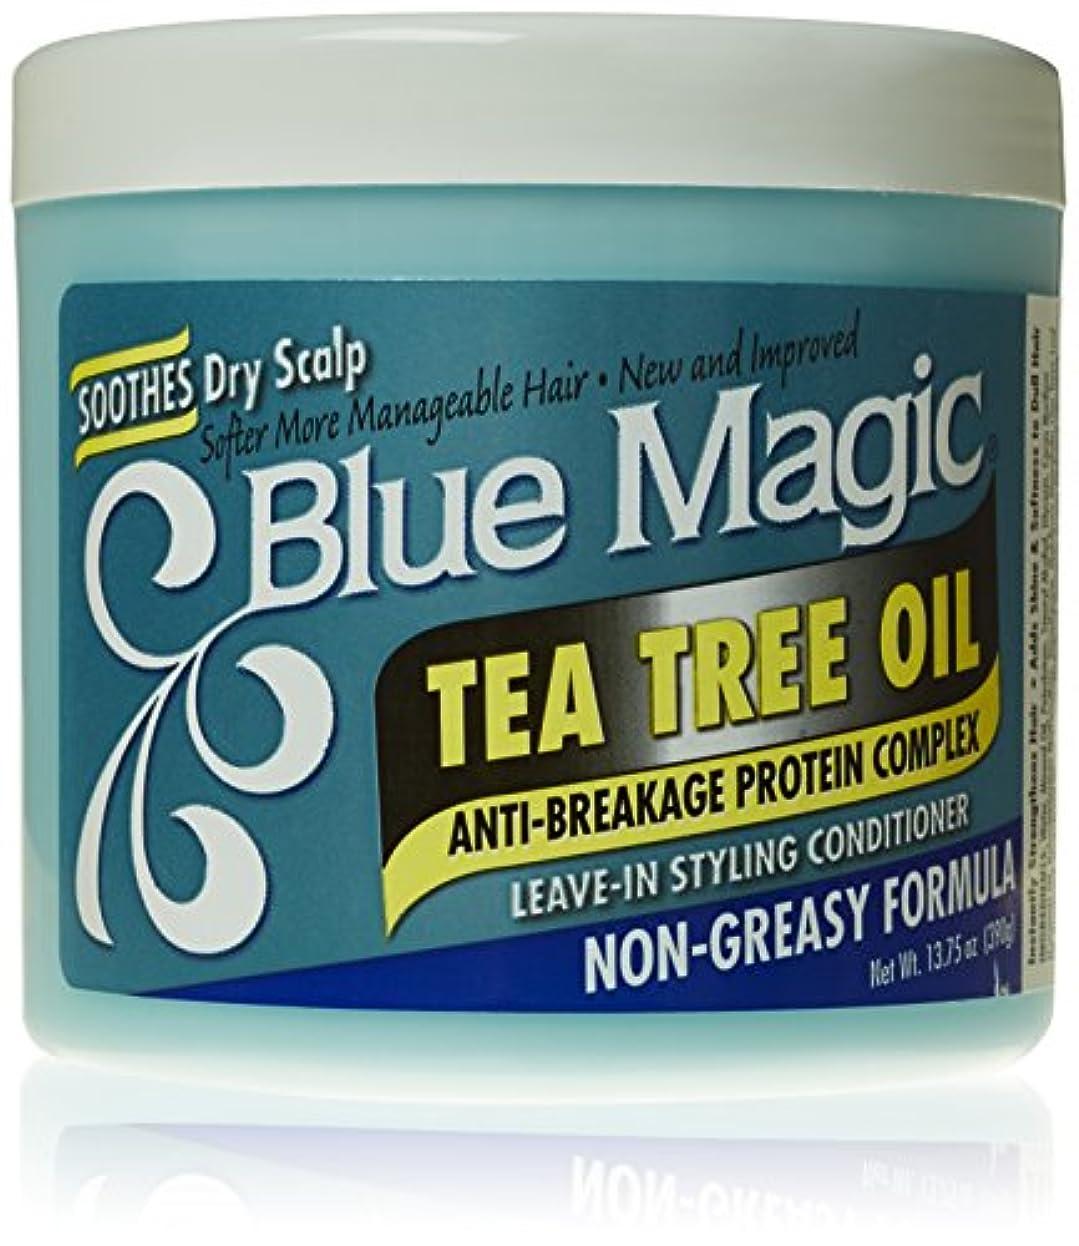 と闘う批判差し引くBlue Magic ティーツリーは、リーブインヘアスタイリングコンディショナー、13.75オンス